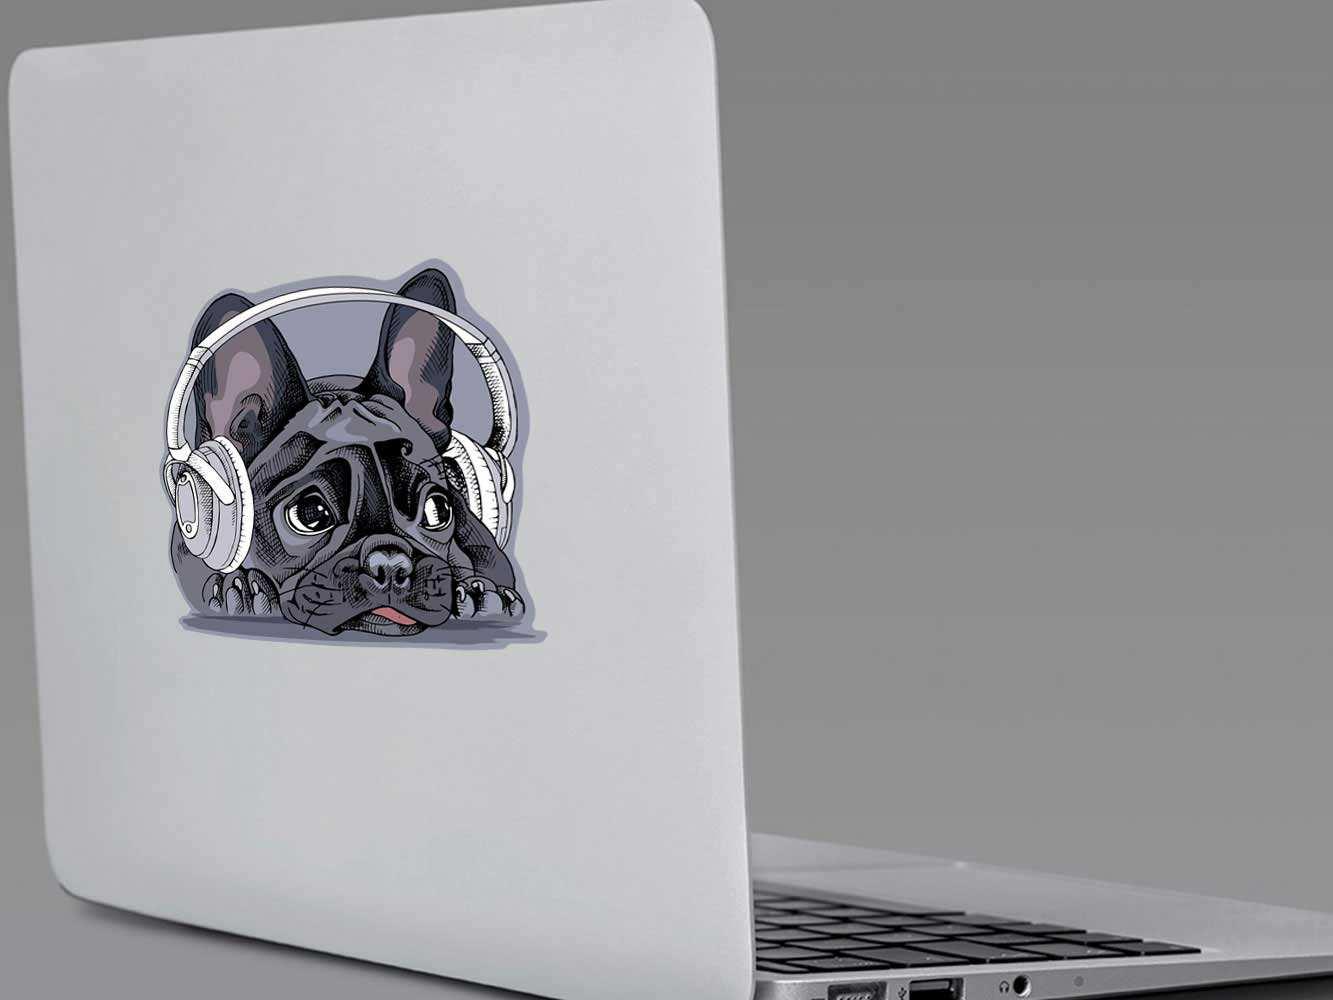 Vinilo Adhesivo Portátil BullDog Escuchando Música | Carteles XXL - Impresión carteleria publicitaria